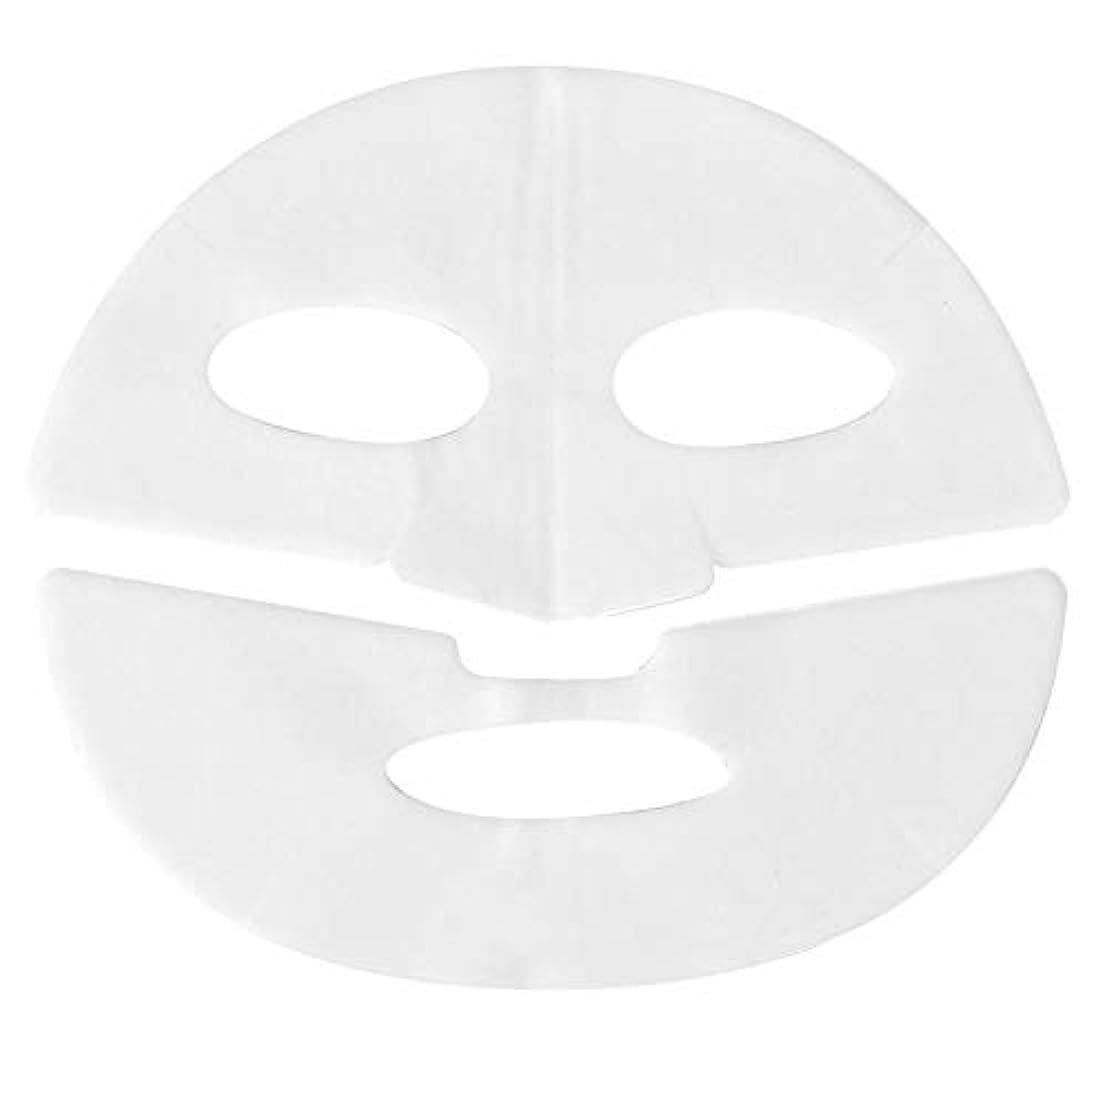 クレジットファンマニフェスト10 PCS痩身マスク - 水分補給用V字型マスク、保湿マスク - 首とあごのリフト、アンチエイジング、しわを軽減